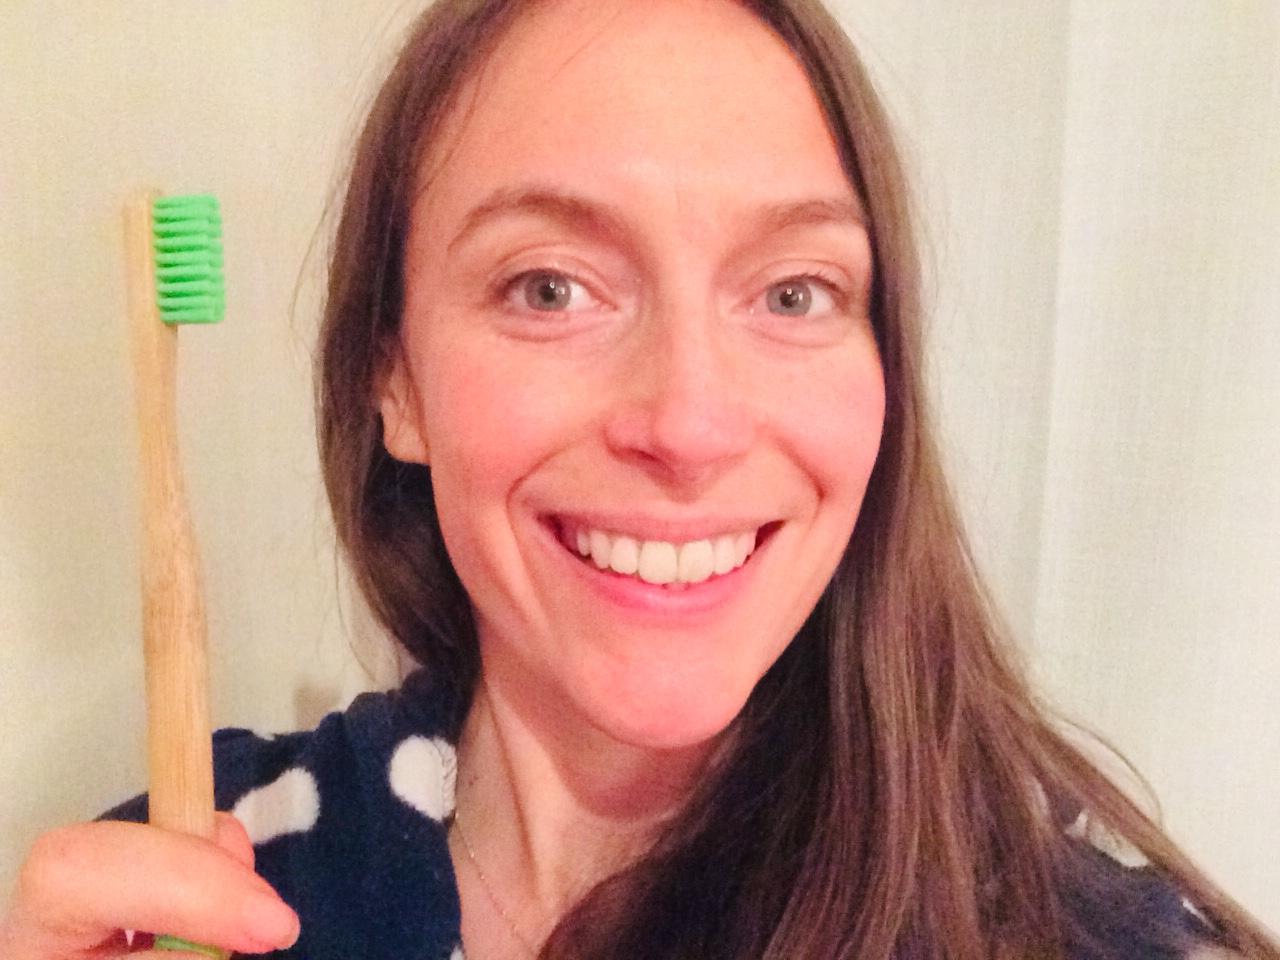 Clare's toothbrush.jpg